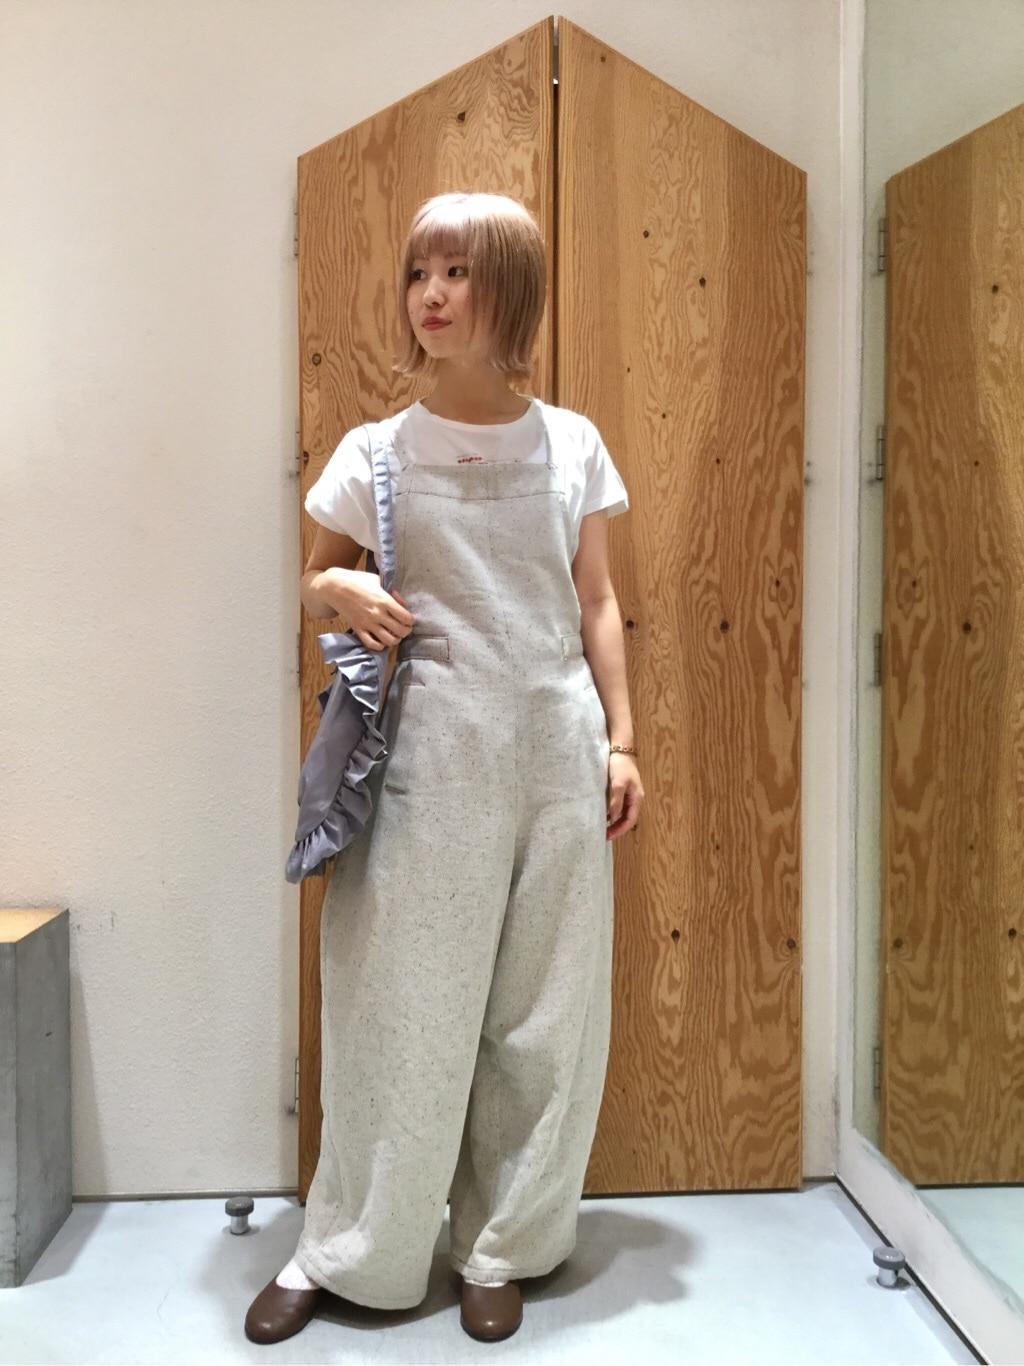 l'atelier du savon グランフロント大阪 身長:157cm 2019.08.17